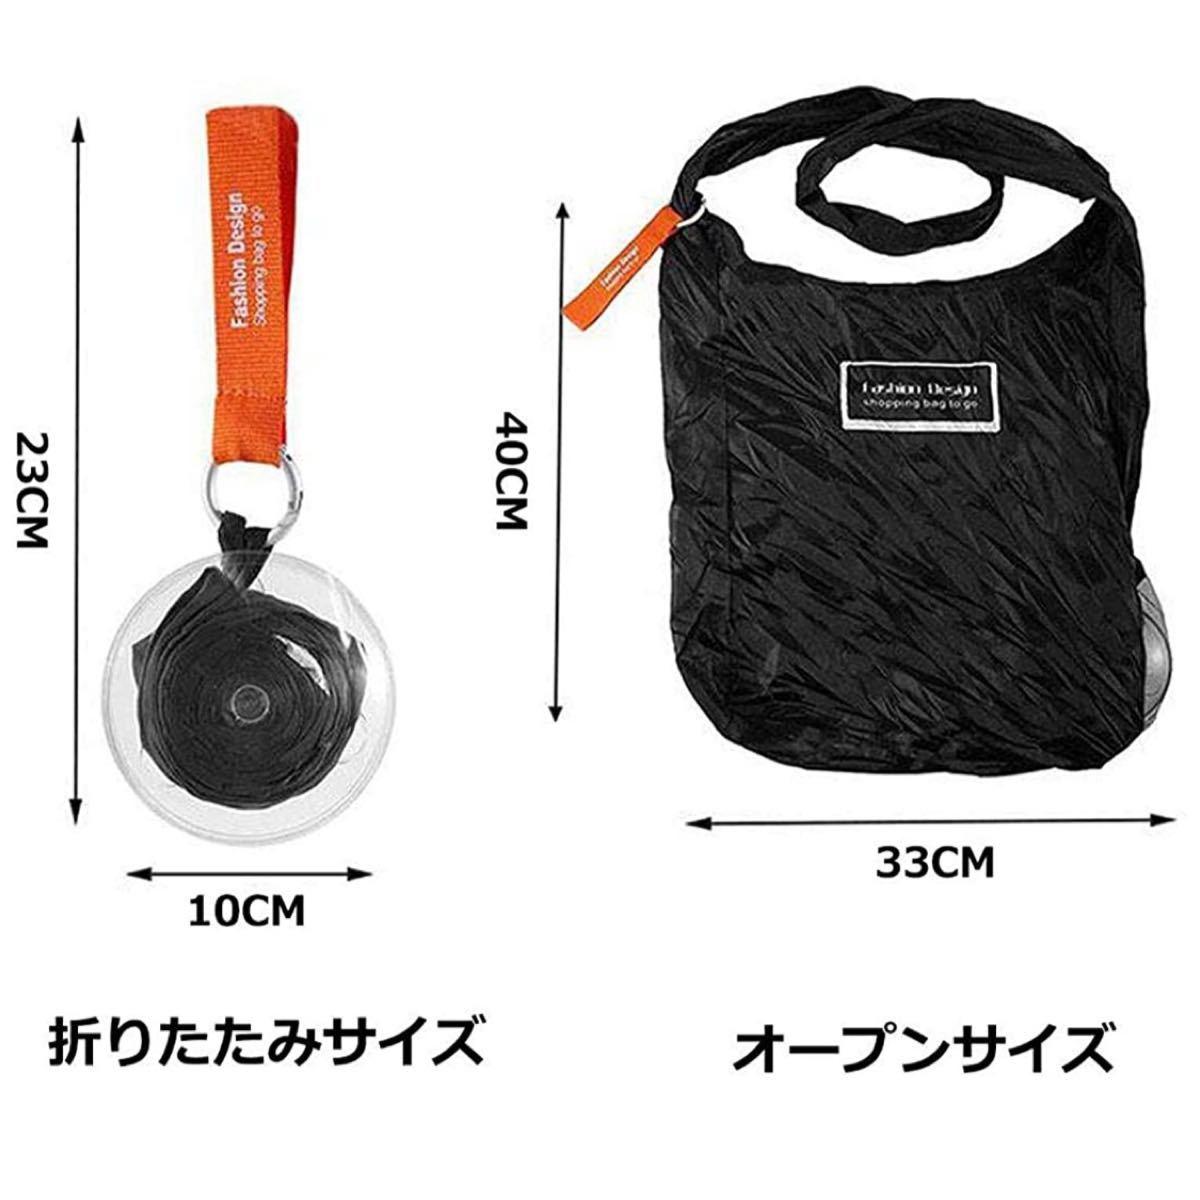 エコバッグ 折りたたみバッグ 3個セット 防水 コンパクトに収納 エコバック コンビニ ショッピングバッグ マイバッグ